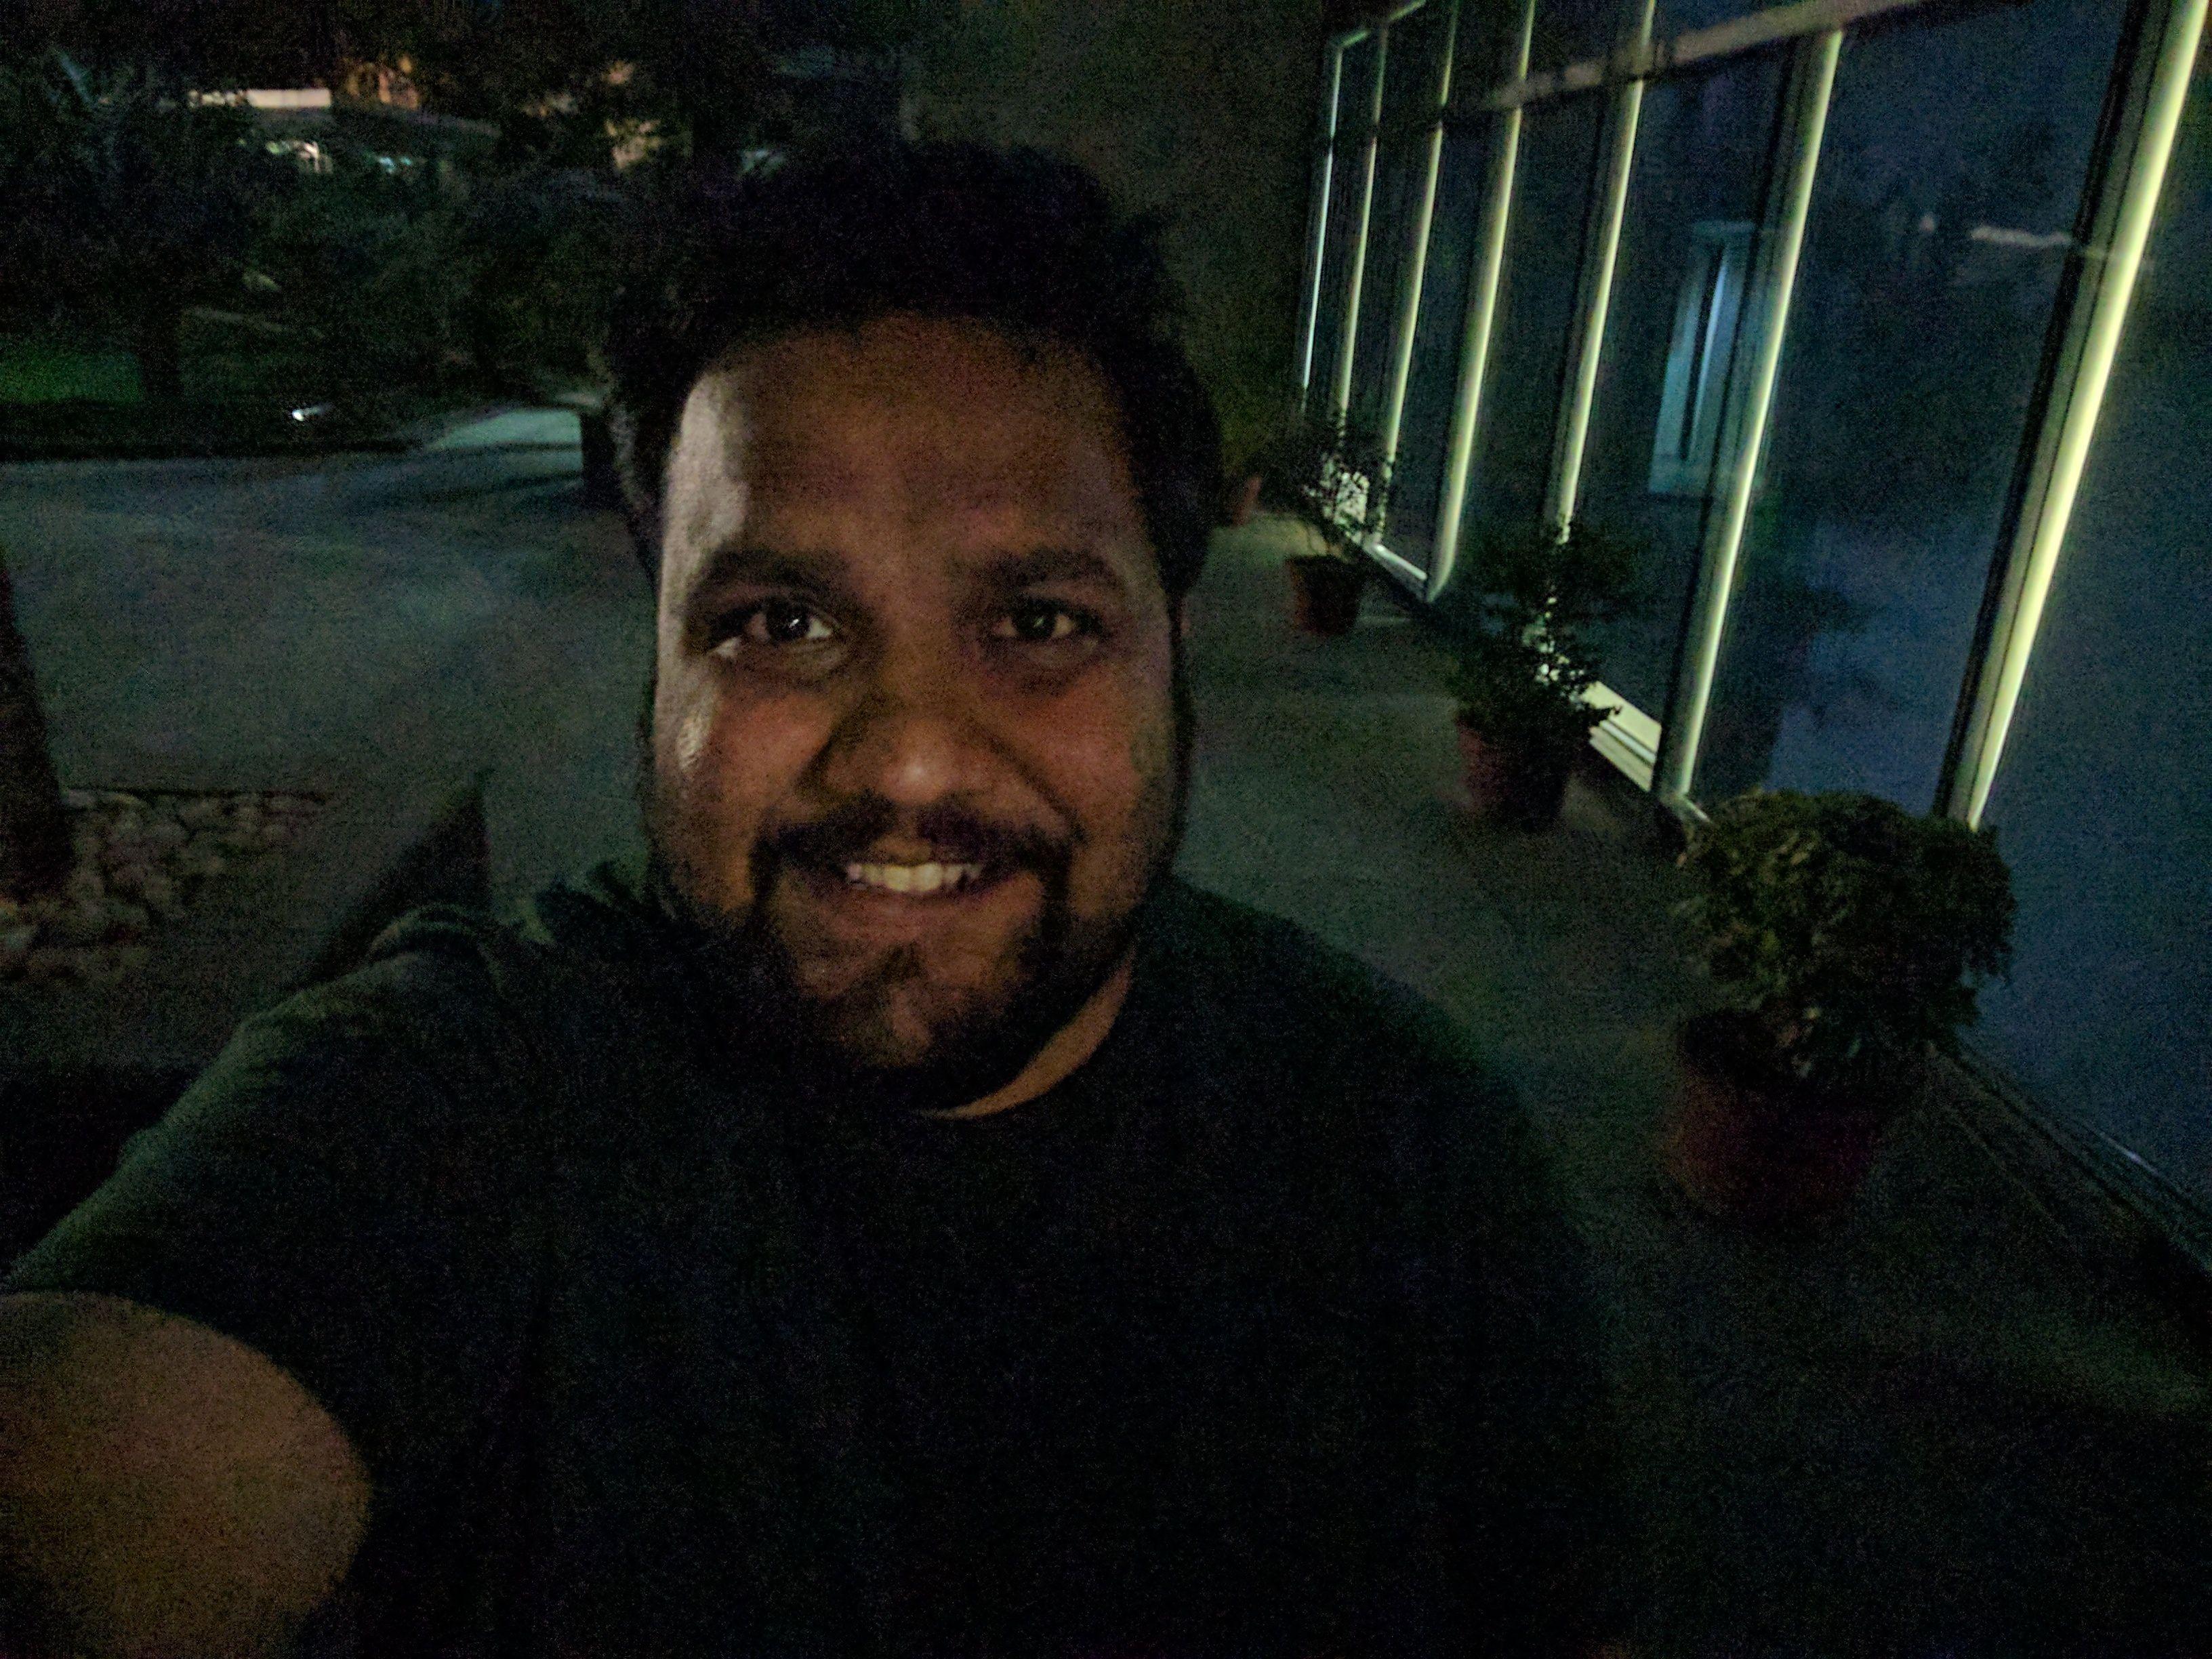 pixel_selfie_low_light_1